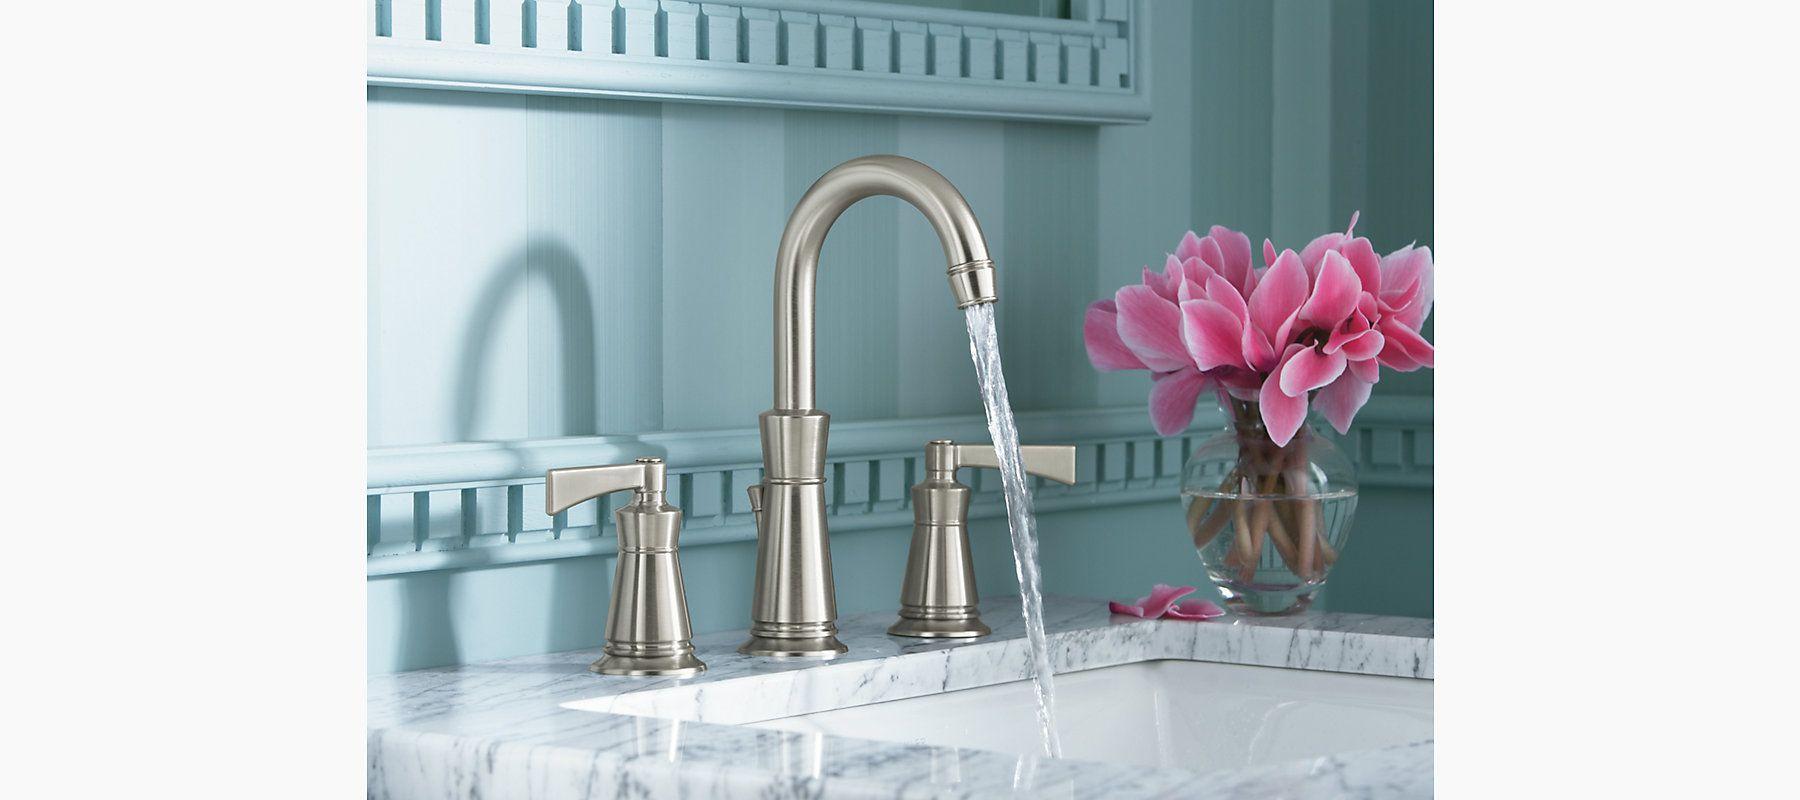 ... Kohler K-2356-8-0 Archer Self-rimming Bathroom Sink with 8 ...